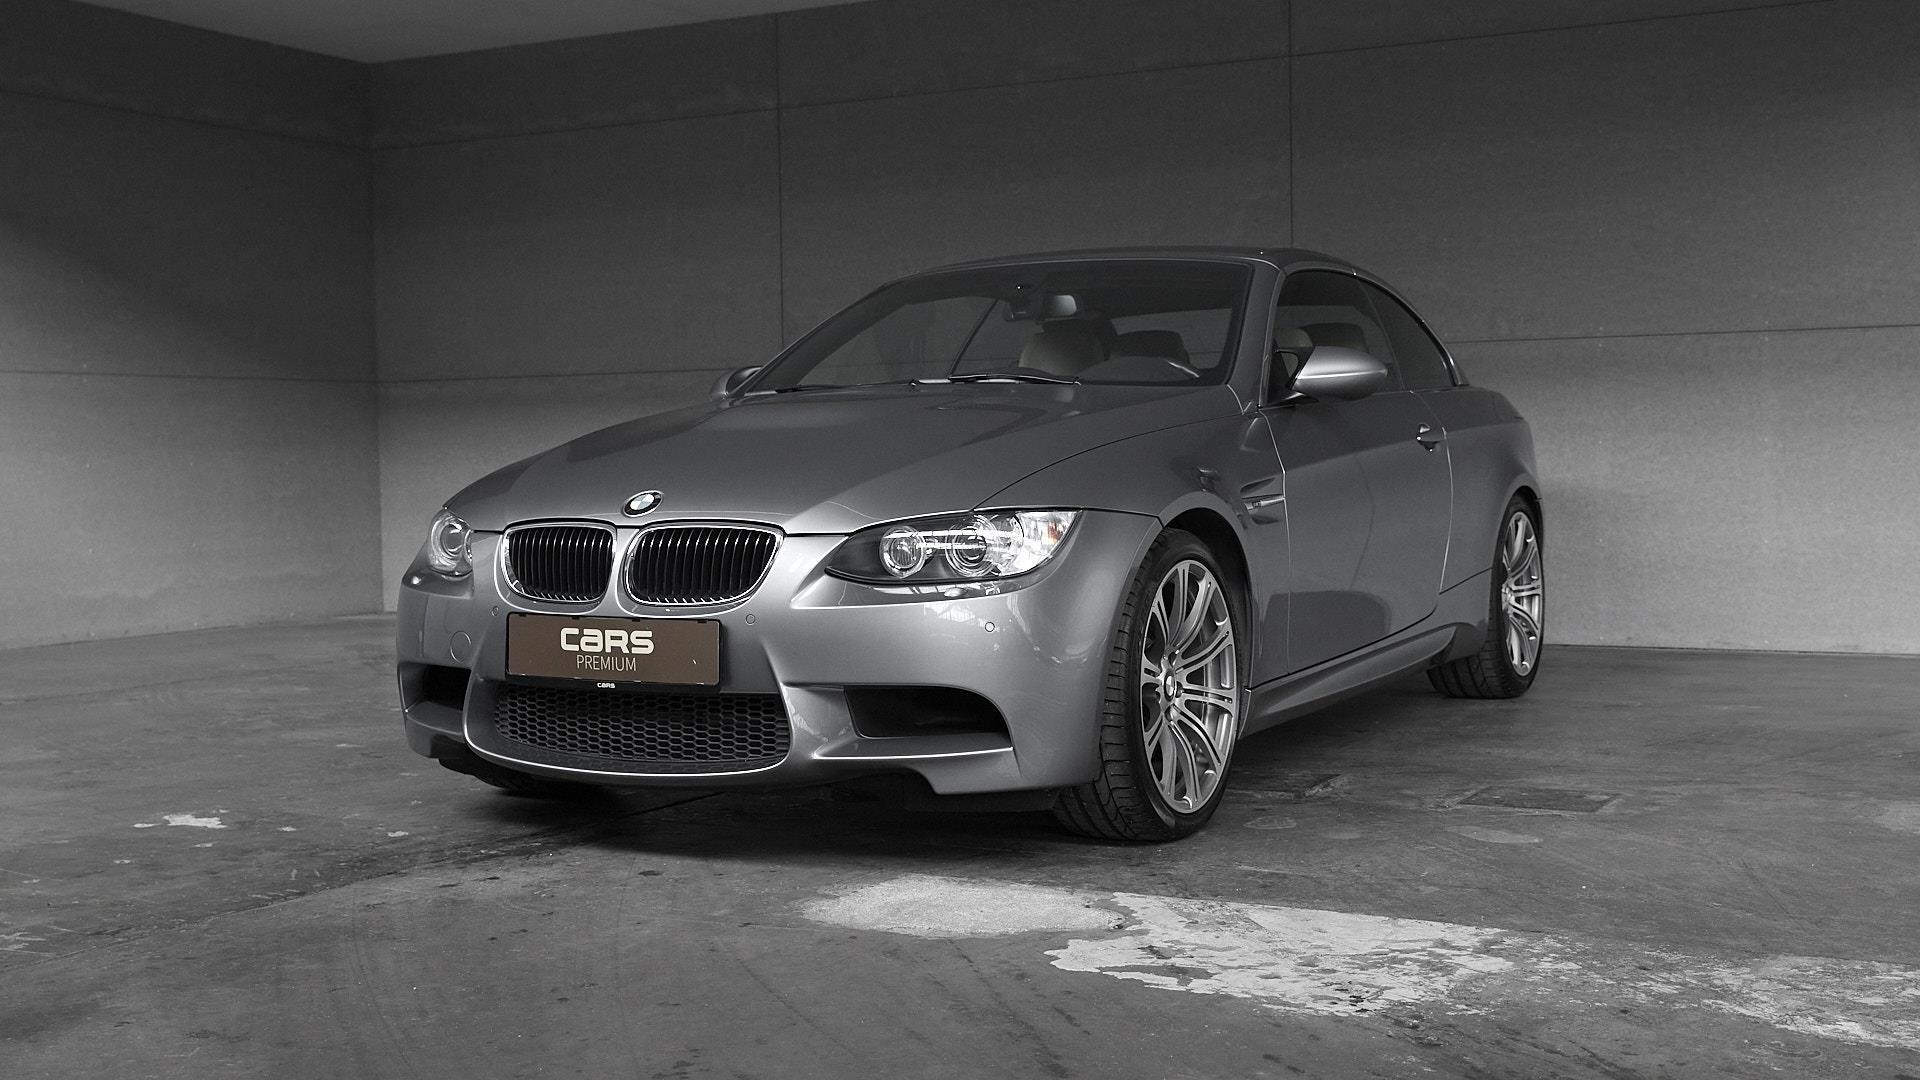 Billede af BMW M3 4,0 420HK Cabr. 6g Aut.